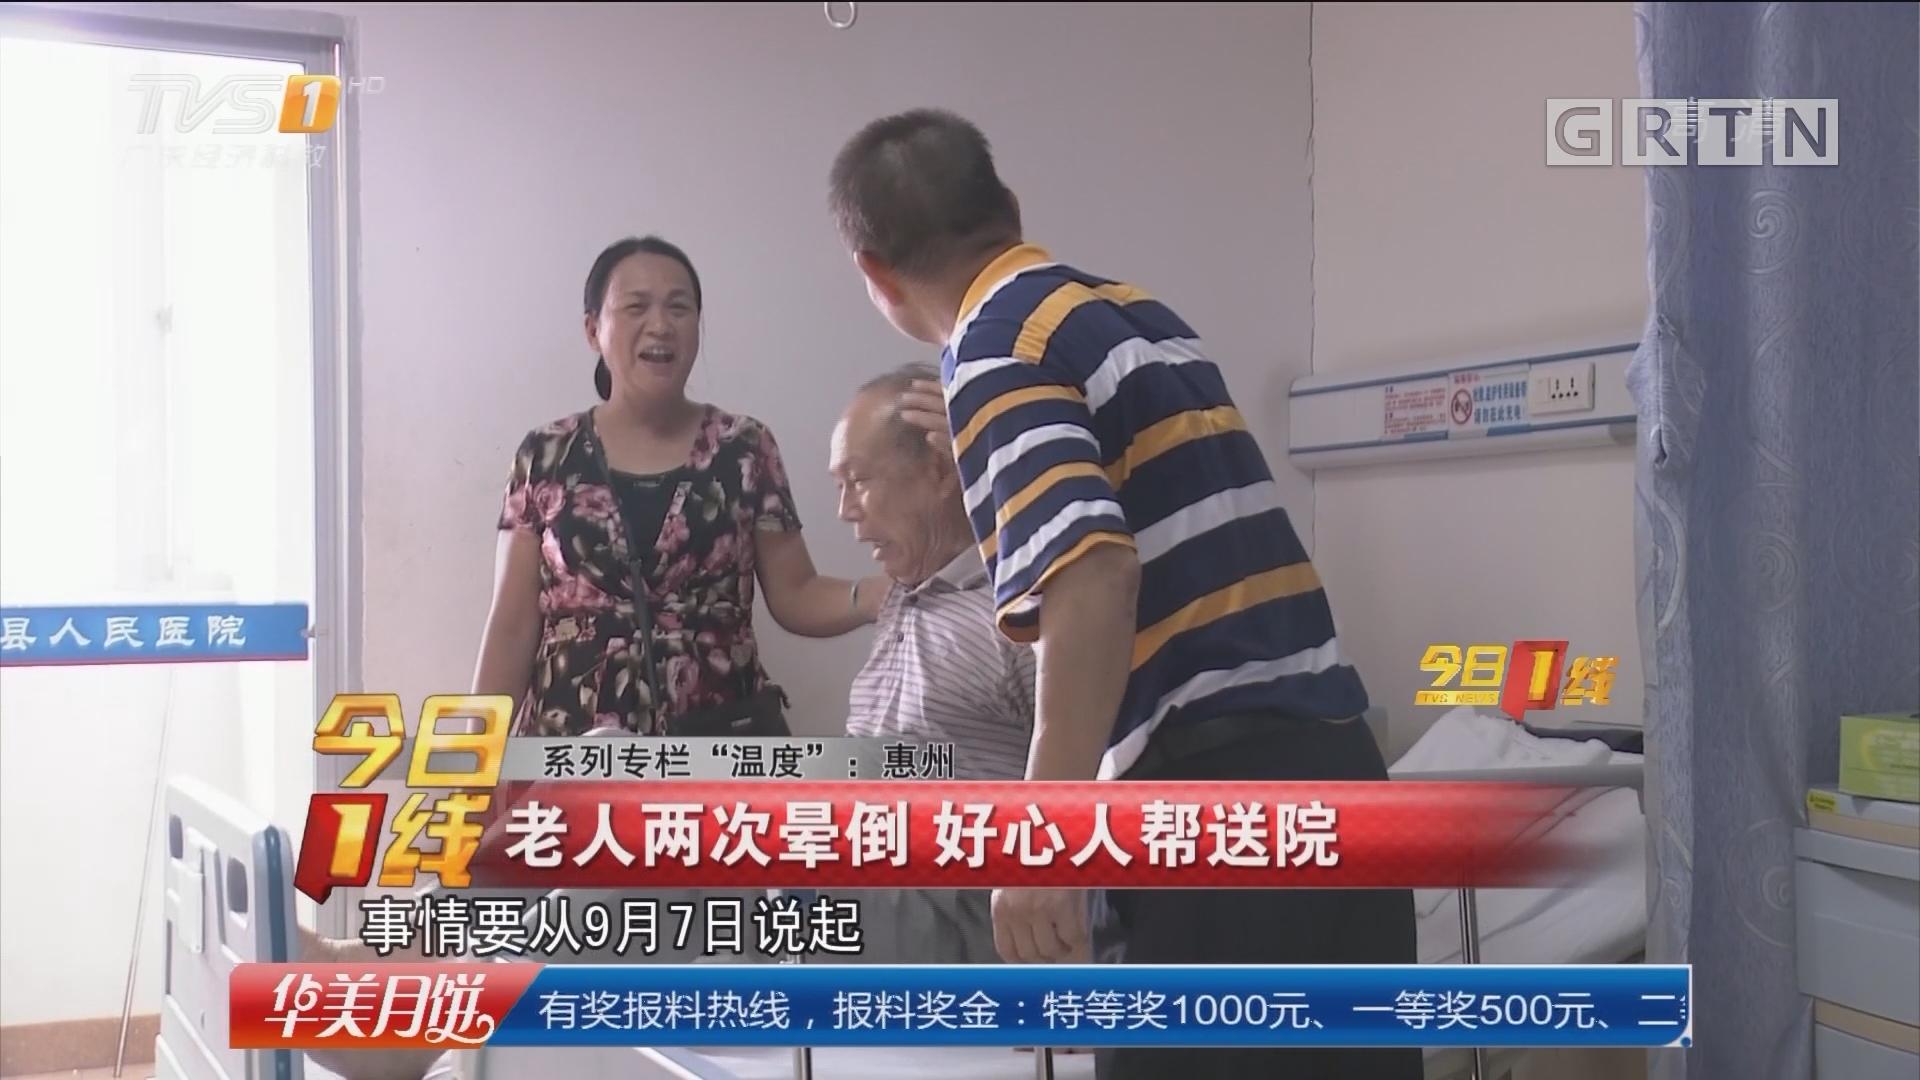 """系列专栏""""温度"""":惠州 老人两次晕倒 好心人帮送院"""